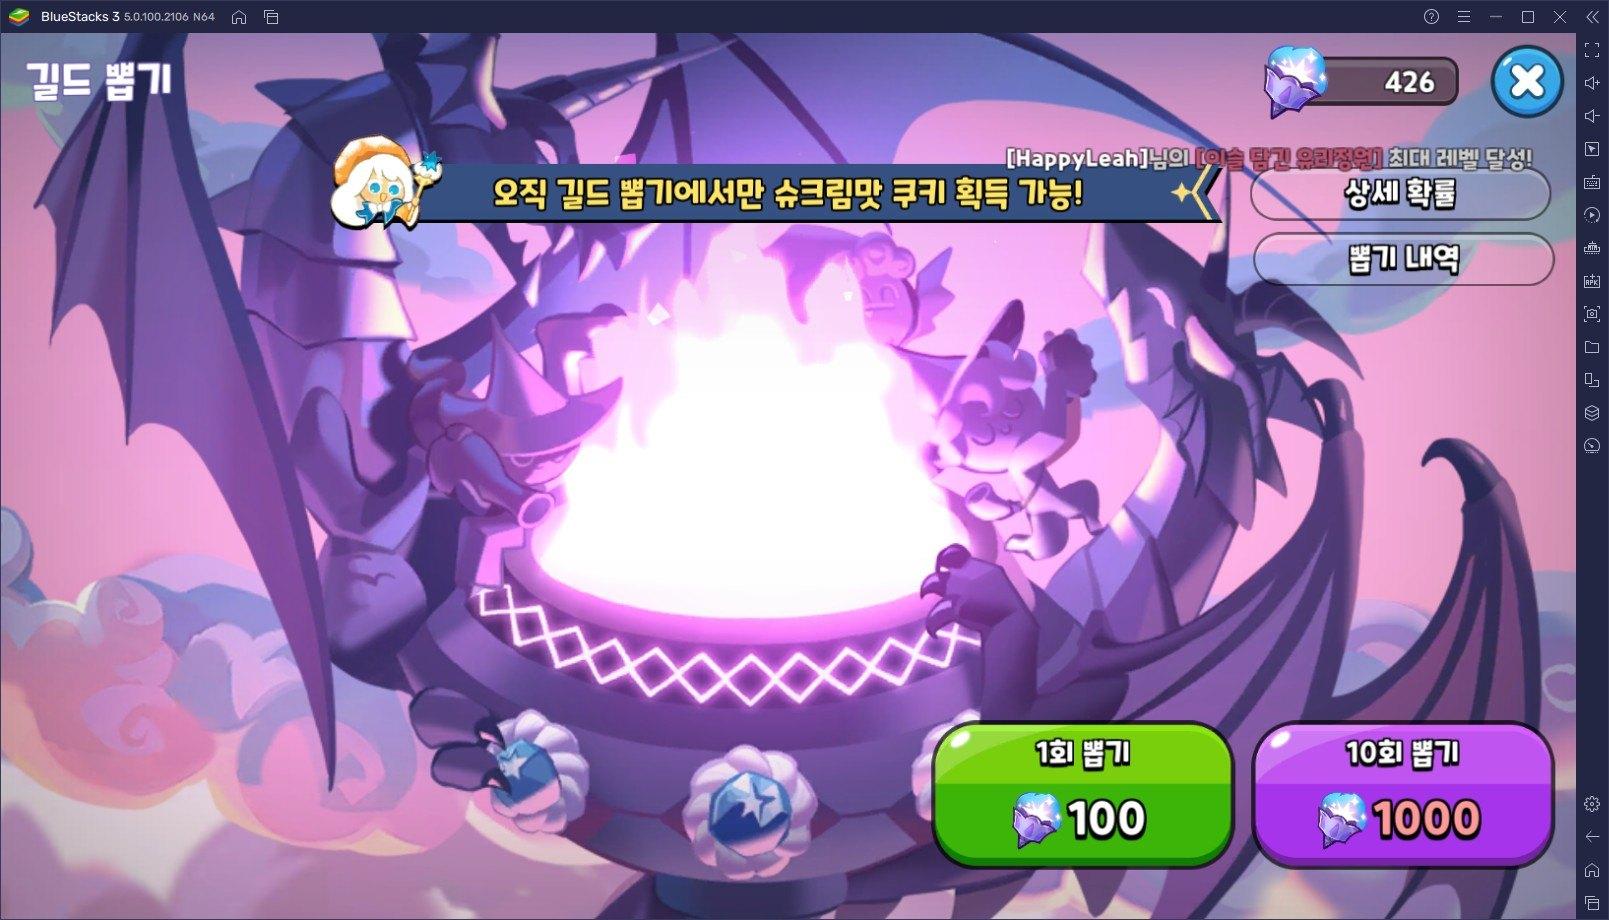 쿠키런 : 킹덤의 토벌전 덱이 궁금하다면? 토벌전 추천 쿠키를 알아보고 지금 바로 블루스택에서 사용해보세요!